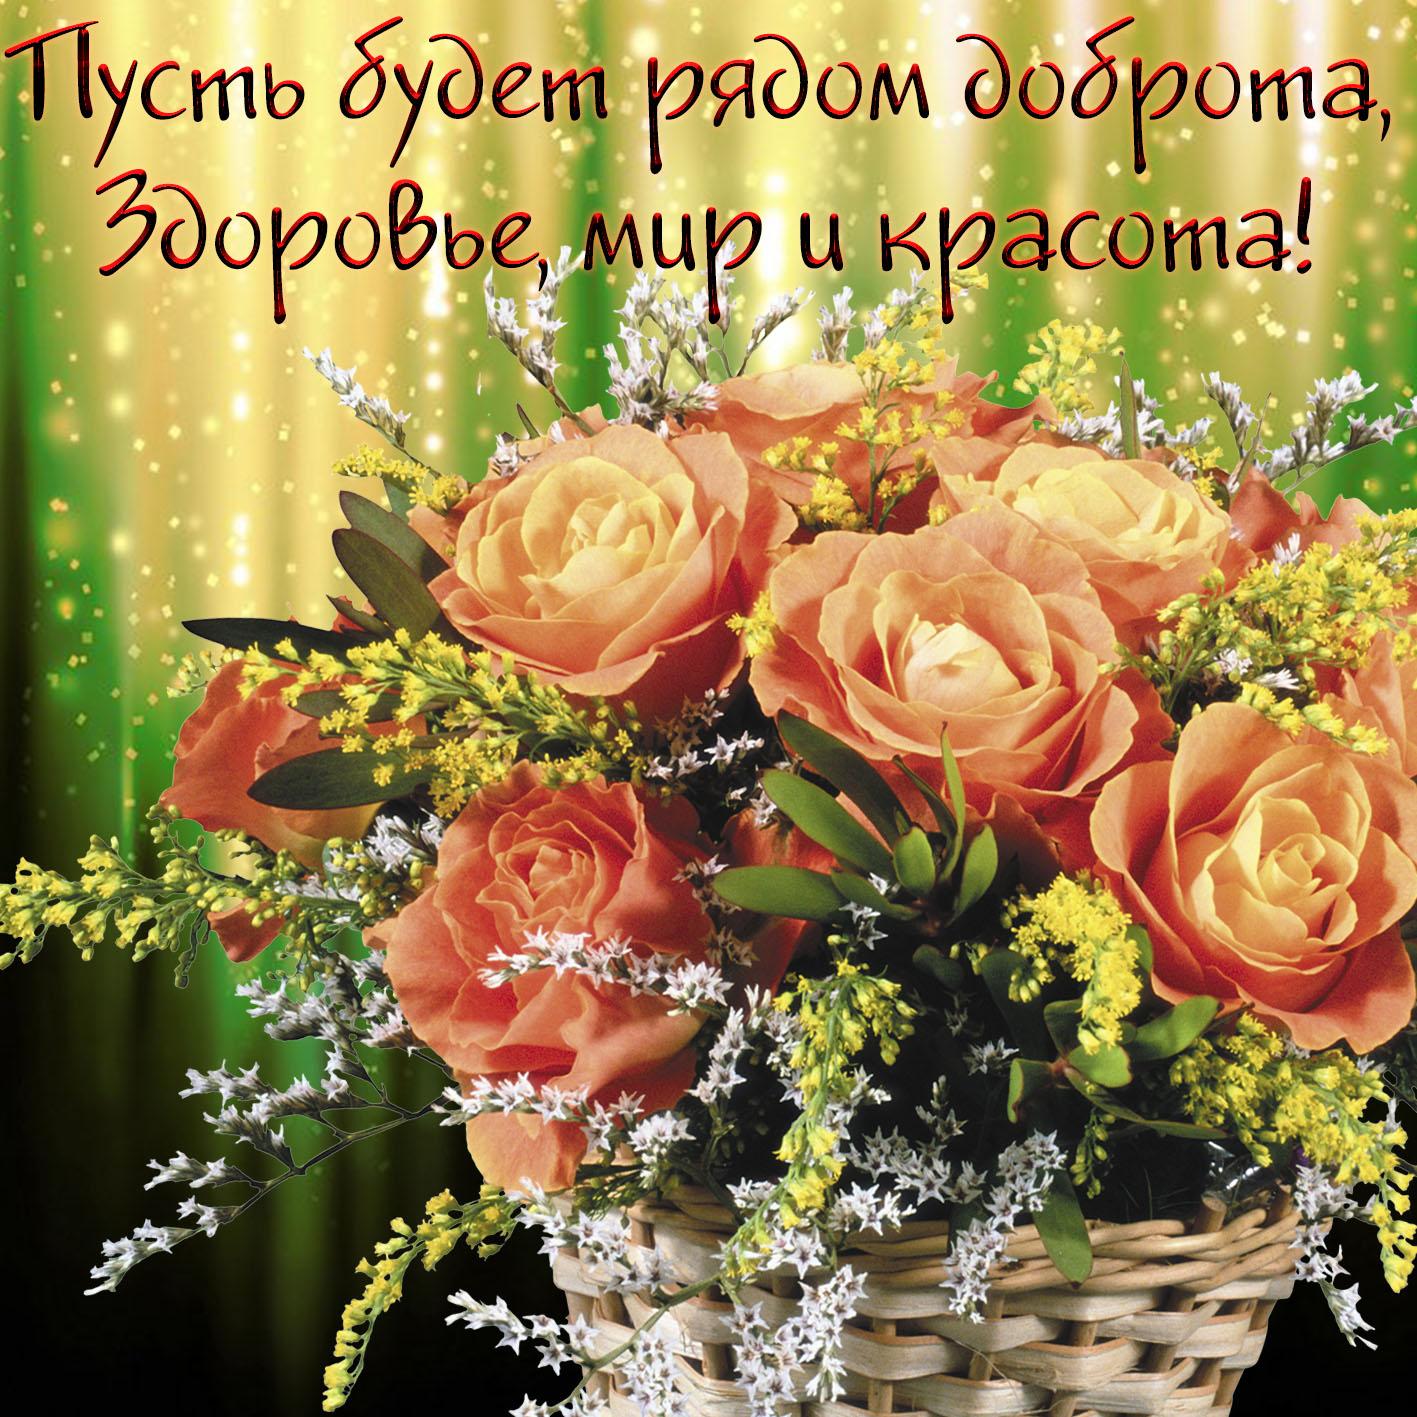 Картинка с букетом роз в корзиночке и пожеланием